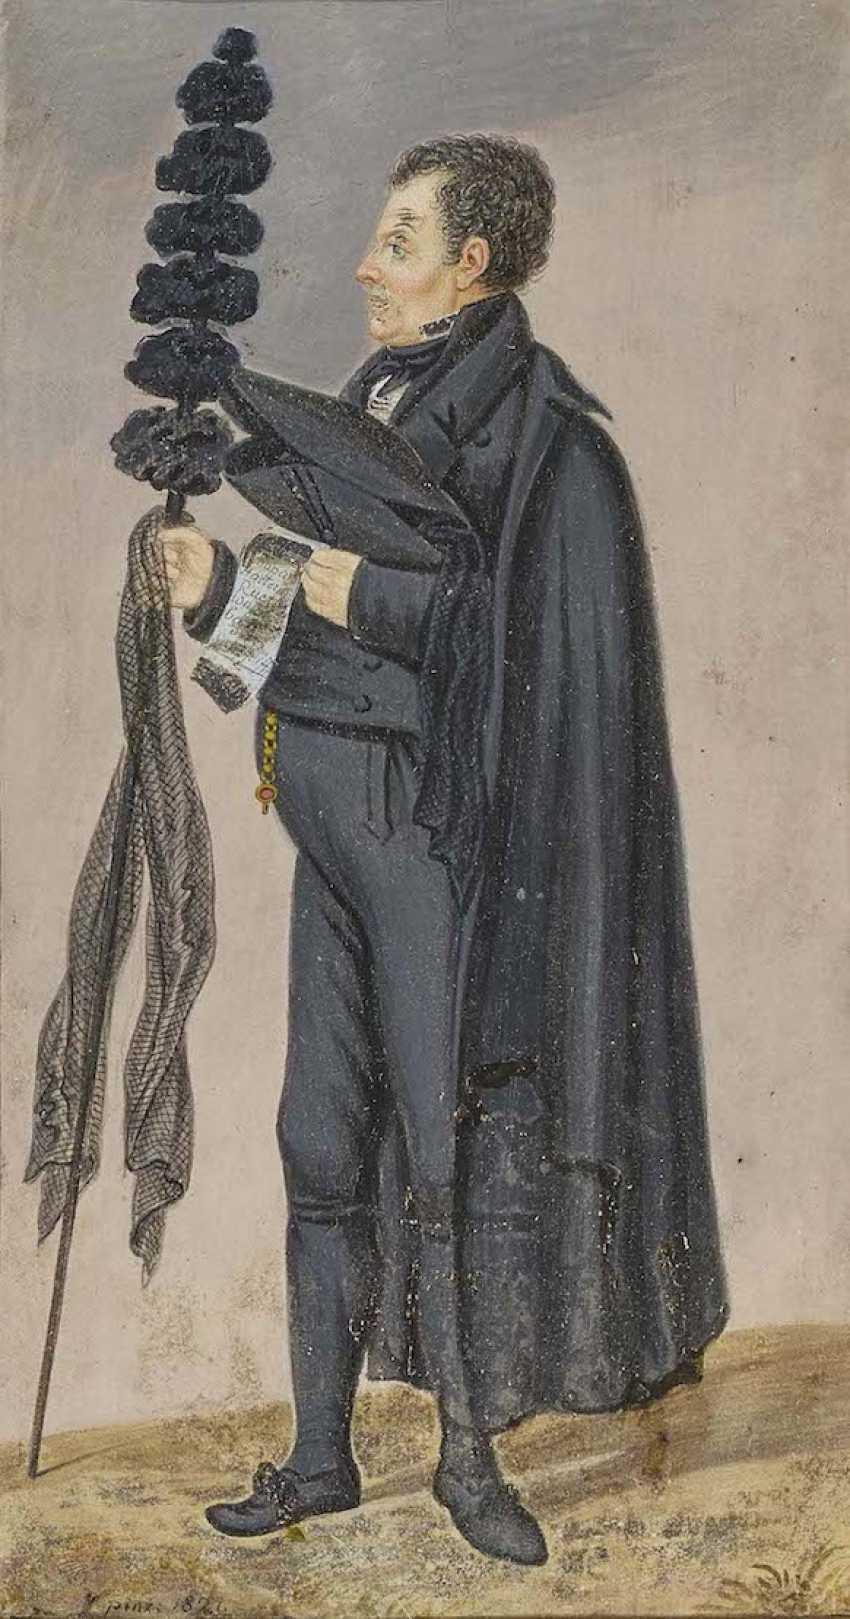 South German around 1821 - photo 1